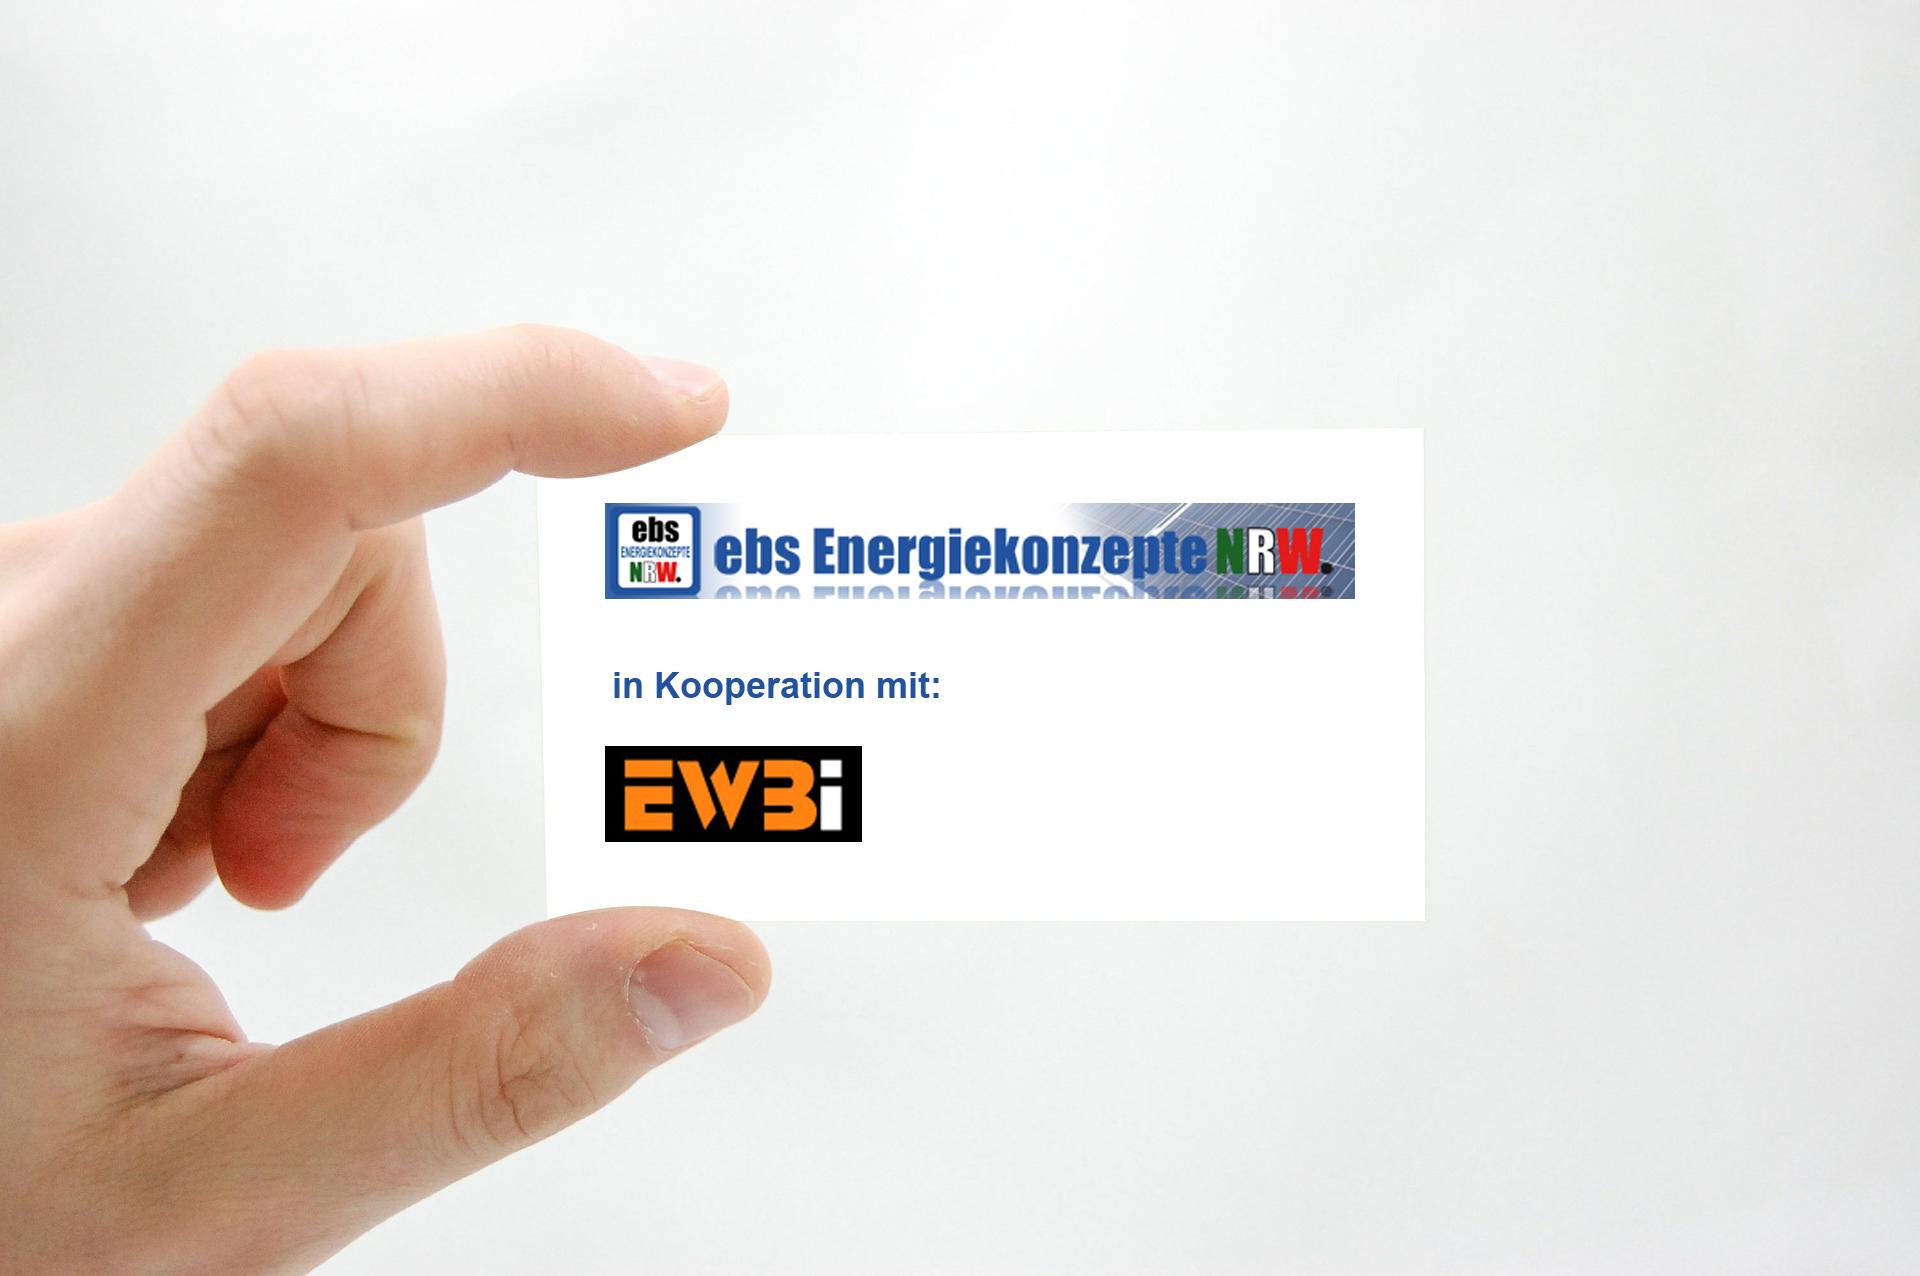 ebs und EWBi